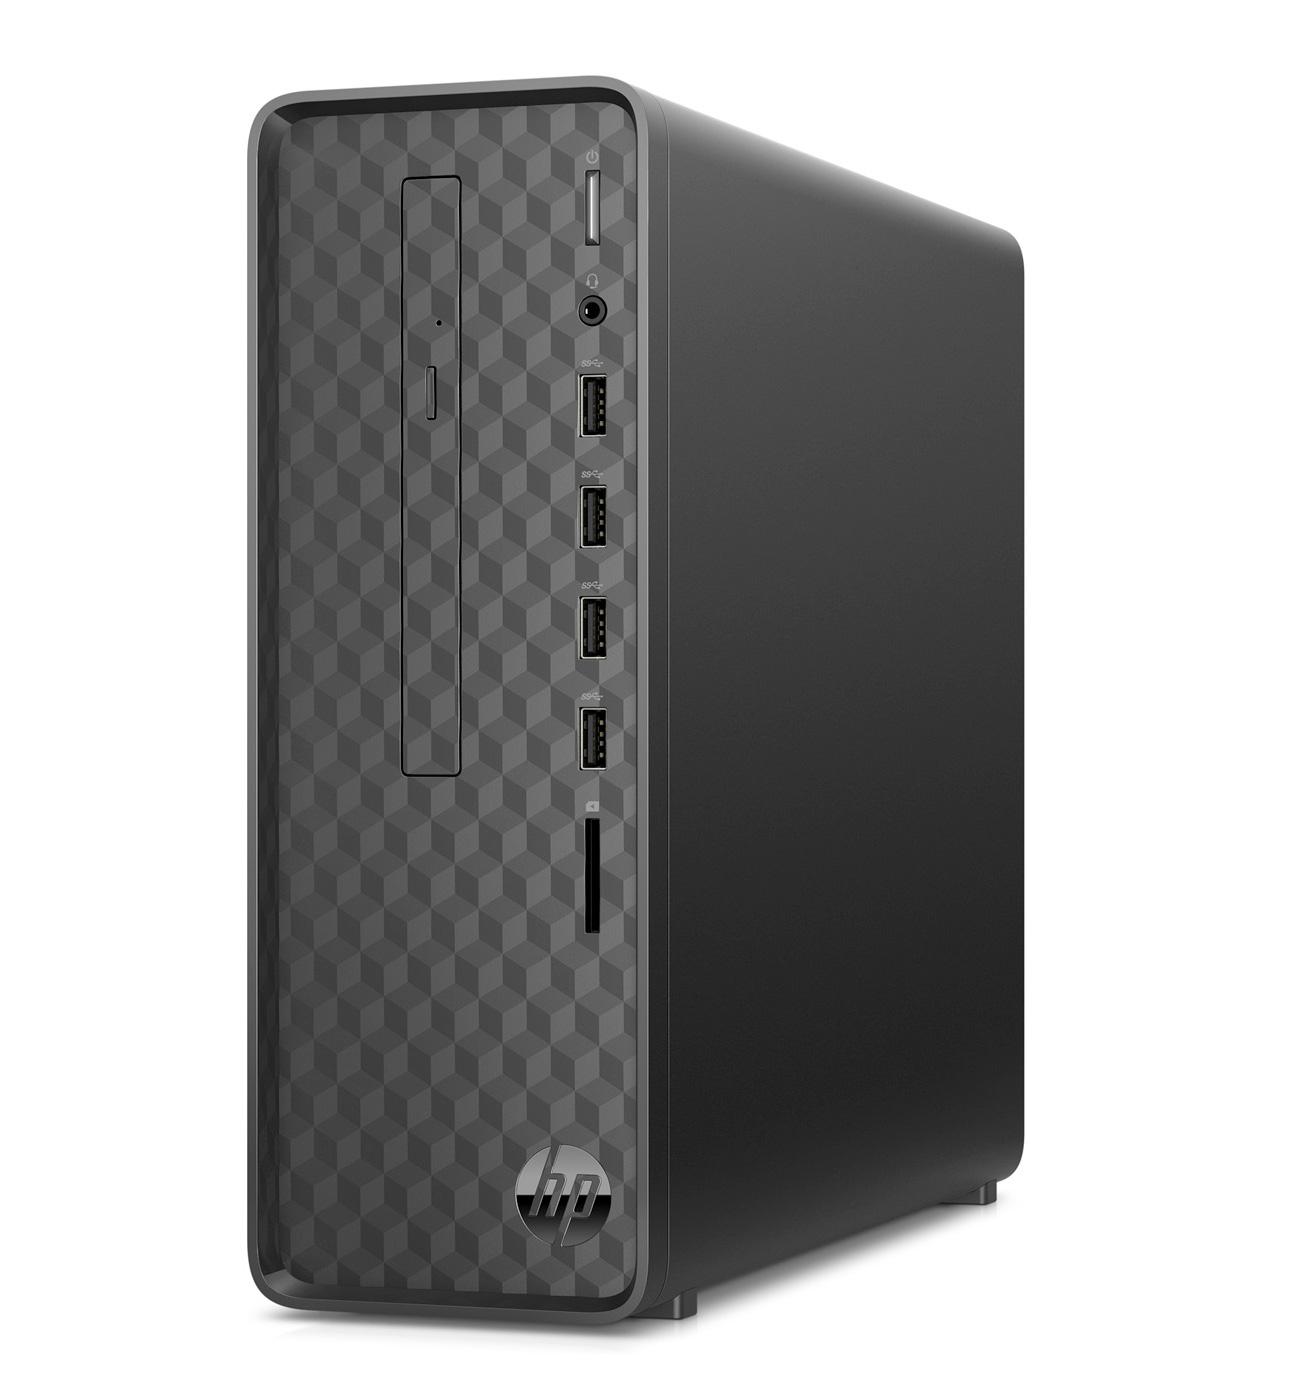 HP Slim Desktop S01-aF0037nf